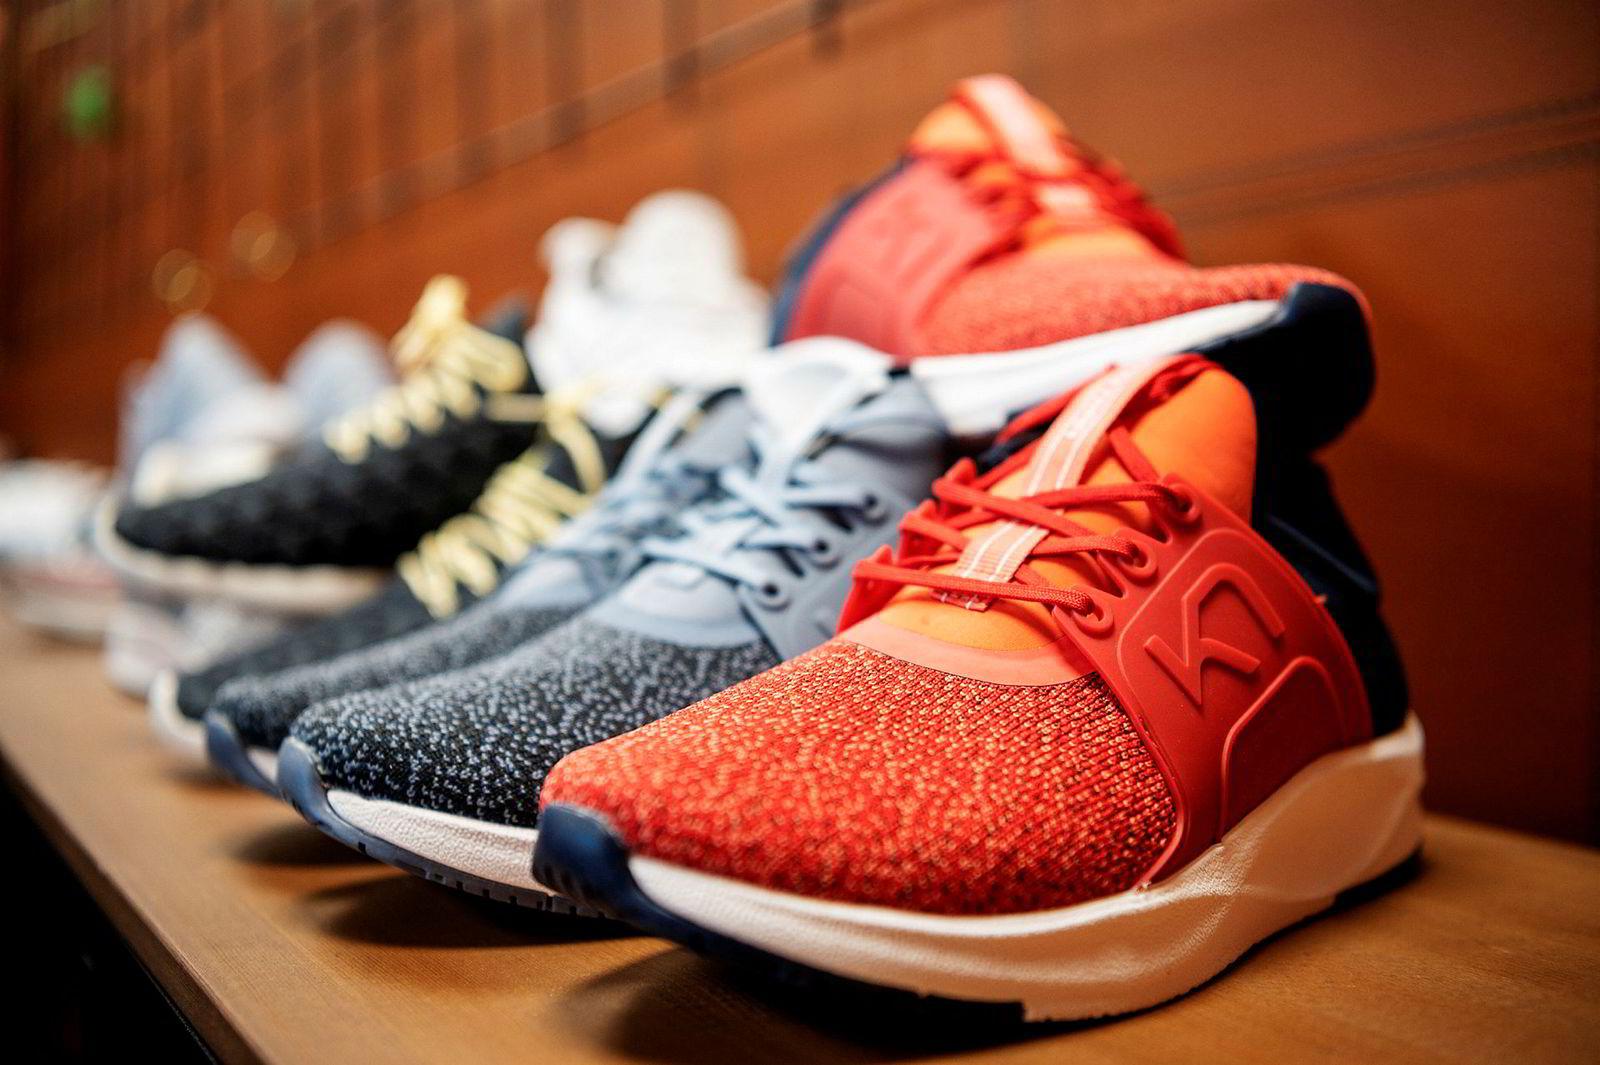 Sko kom inn i nettbutikkens sortiment da man begynte å ta bilder av antrekk og måtte finne sko som matchet.